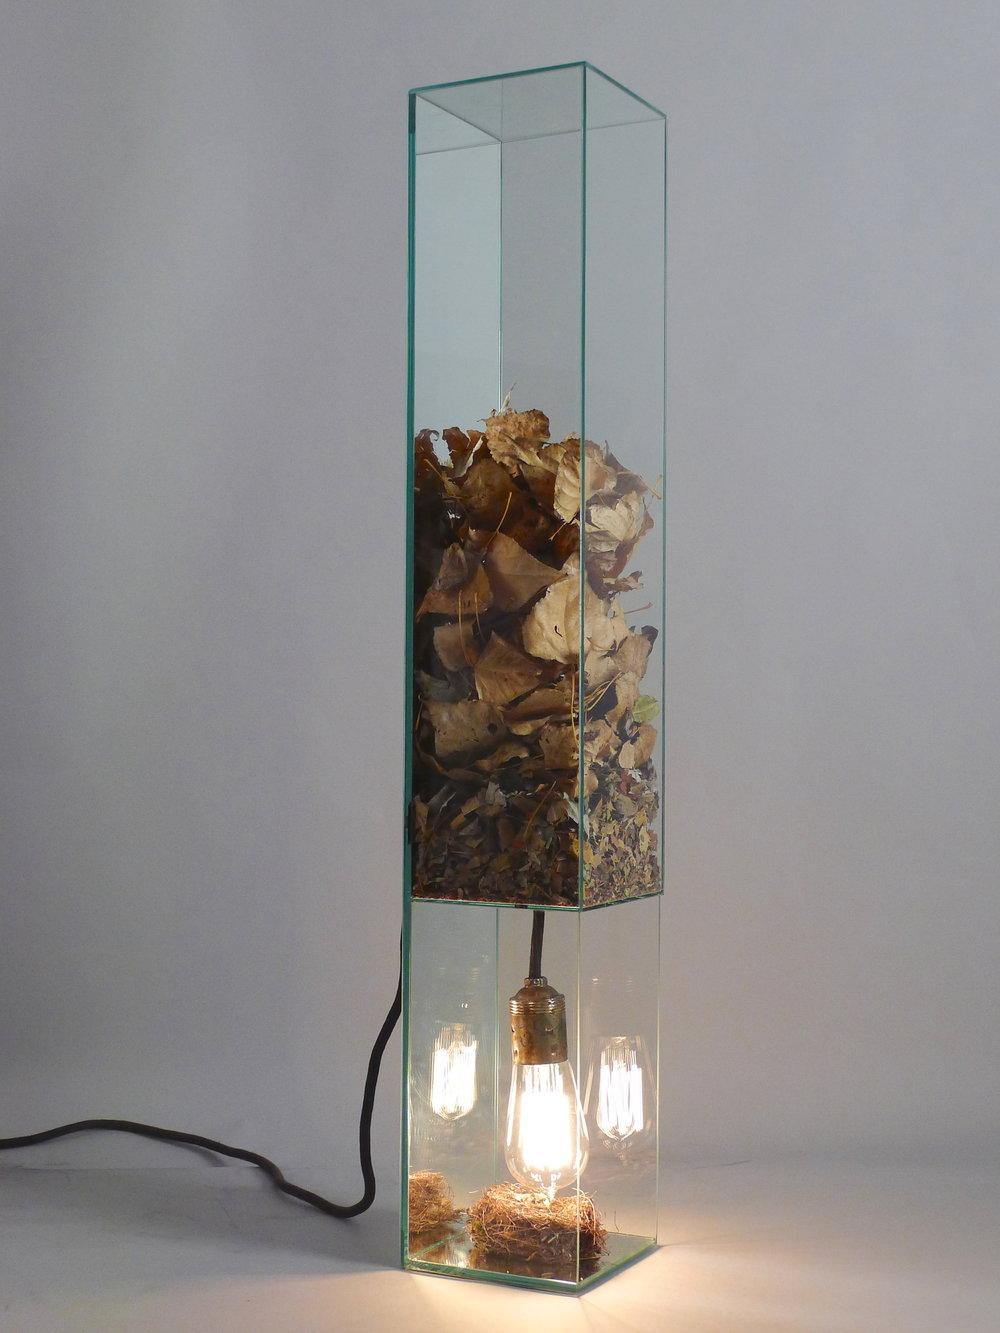 309.2.ESPAÇO-TEMPO.Vidro float, espelho e matéria prima, 80 x 13.5 x 13.5 cm, 2013.JPG